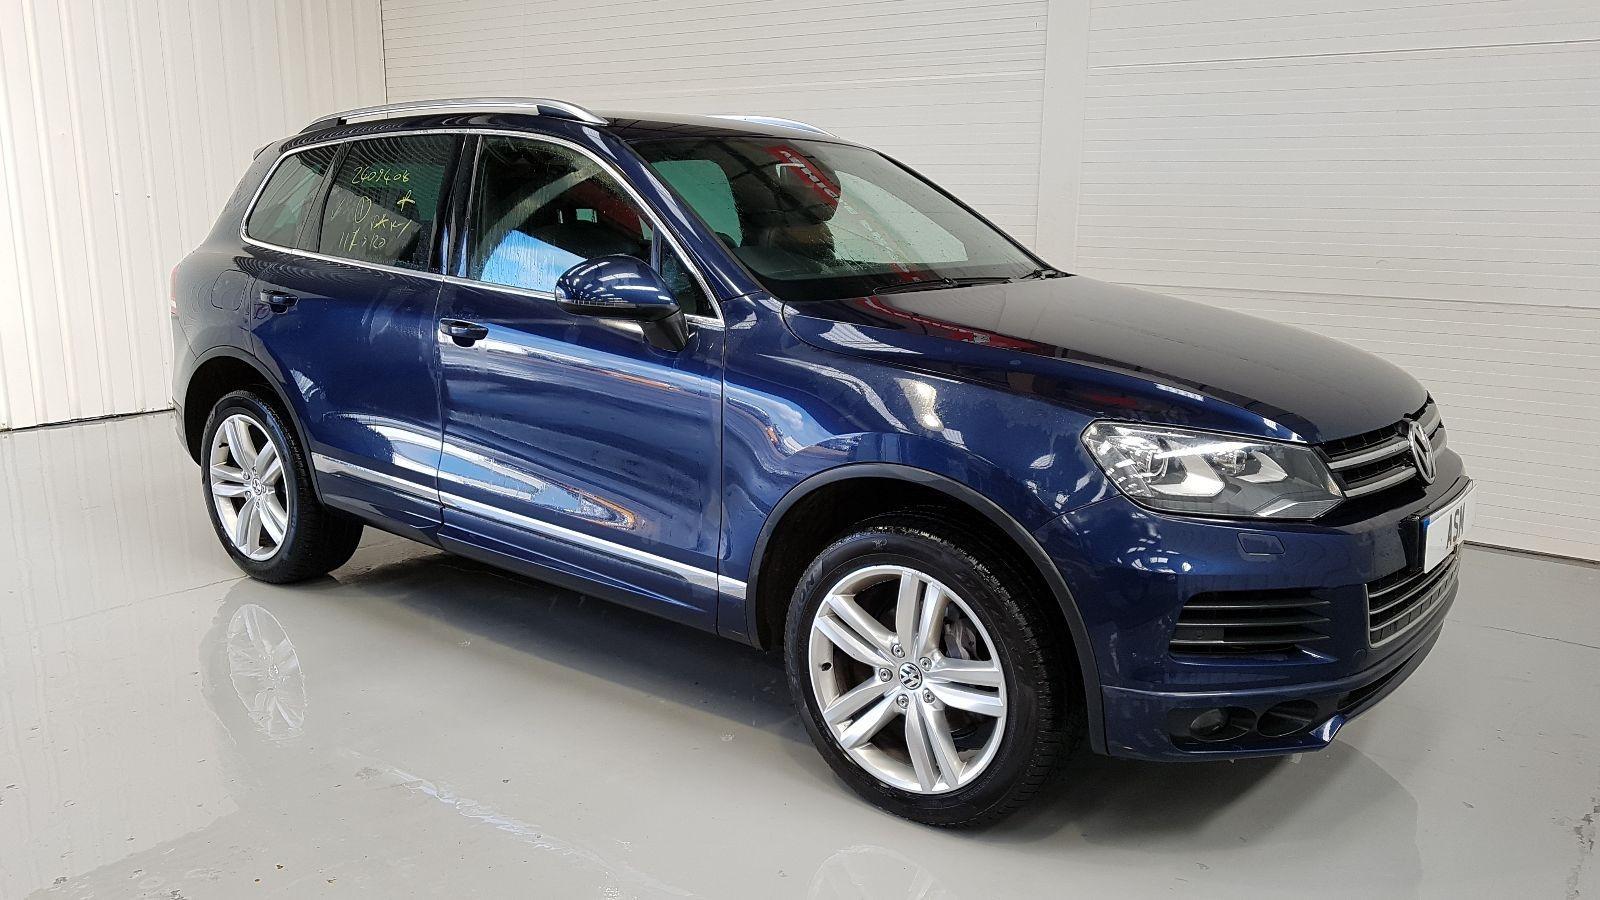 Image for a Volkswagen Touareg 2013 5 Door Estate